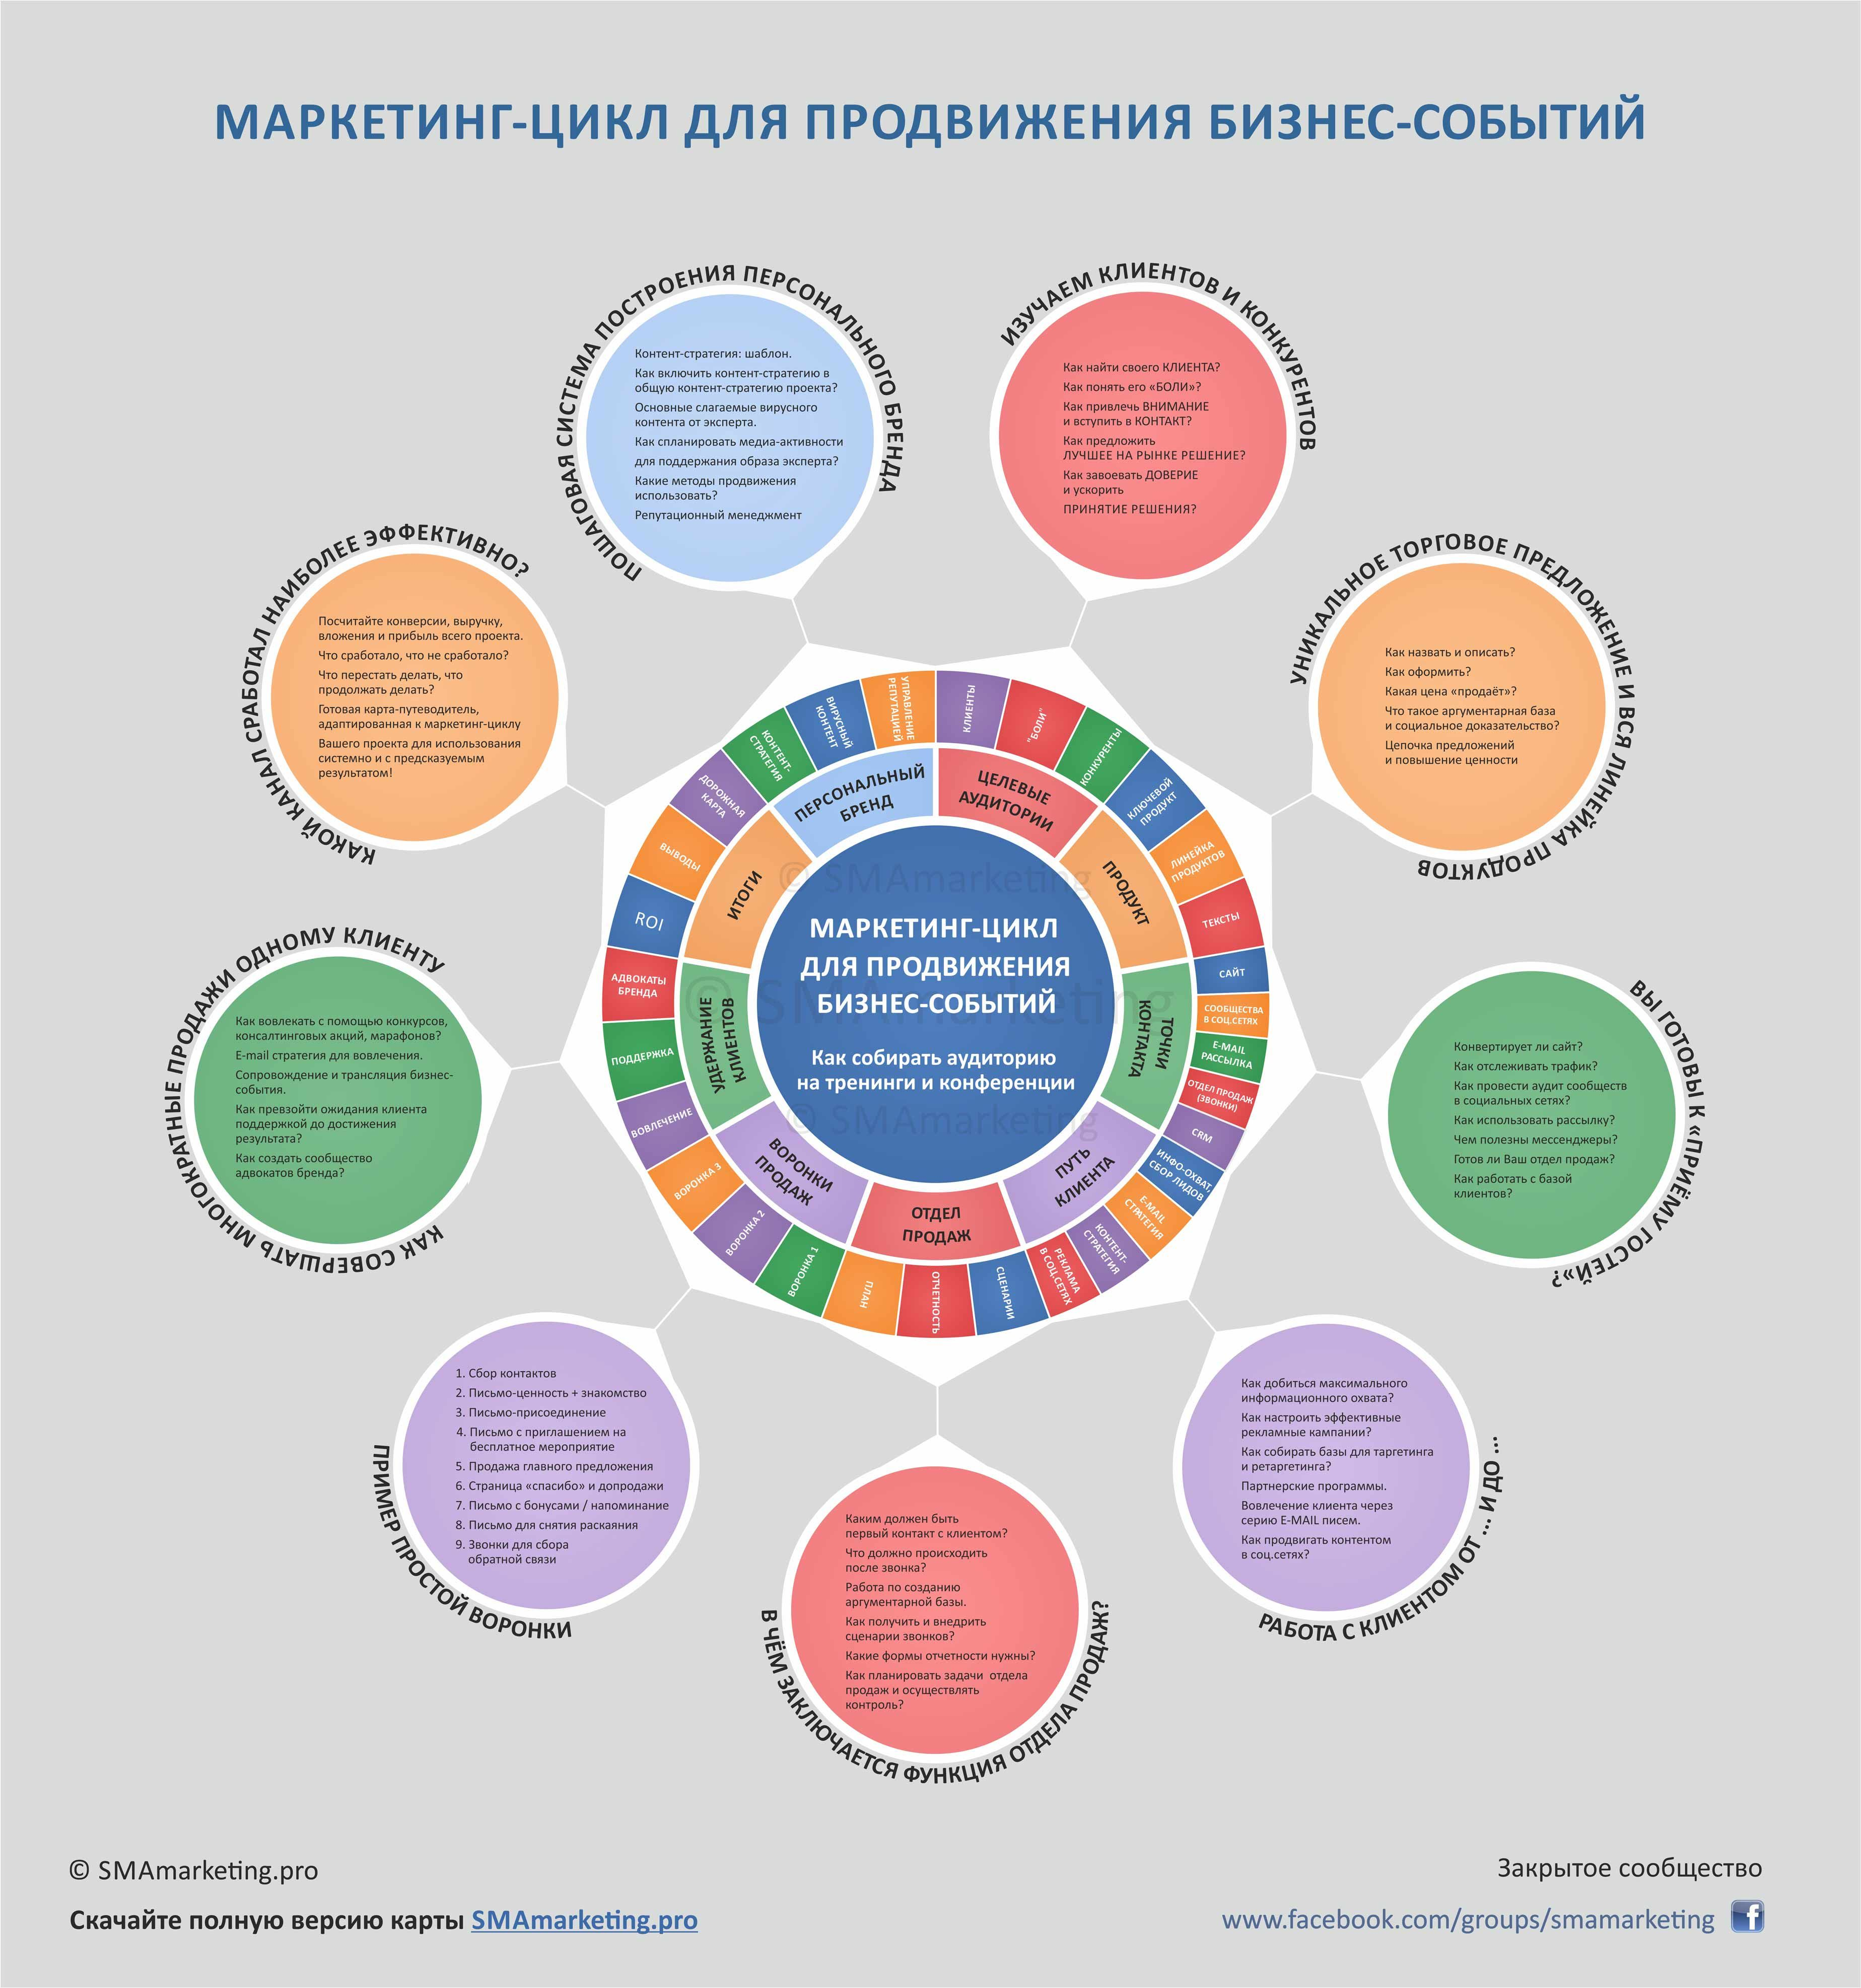 """Инфографика для тех, кто собирает #тренинги, #мастерклассы, продвигает #консалтинг и #образовательныекурсы.   В инфографике кратко представлена проверенная система продвижения, которая работает предсказуемо и даёт результат! Хотите подробнее? - скачайте майнд-карту """"Маркетинг-цикл для продвижения бизнес-событий"""" (smamarketing.pro) - это дорожная карта, по которой строится полная работающая система. #маркетинг #продвижение"""